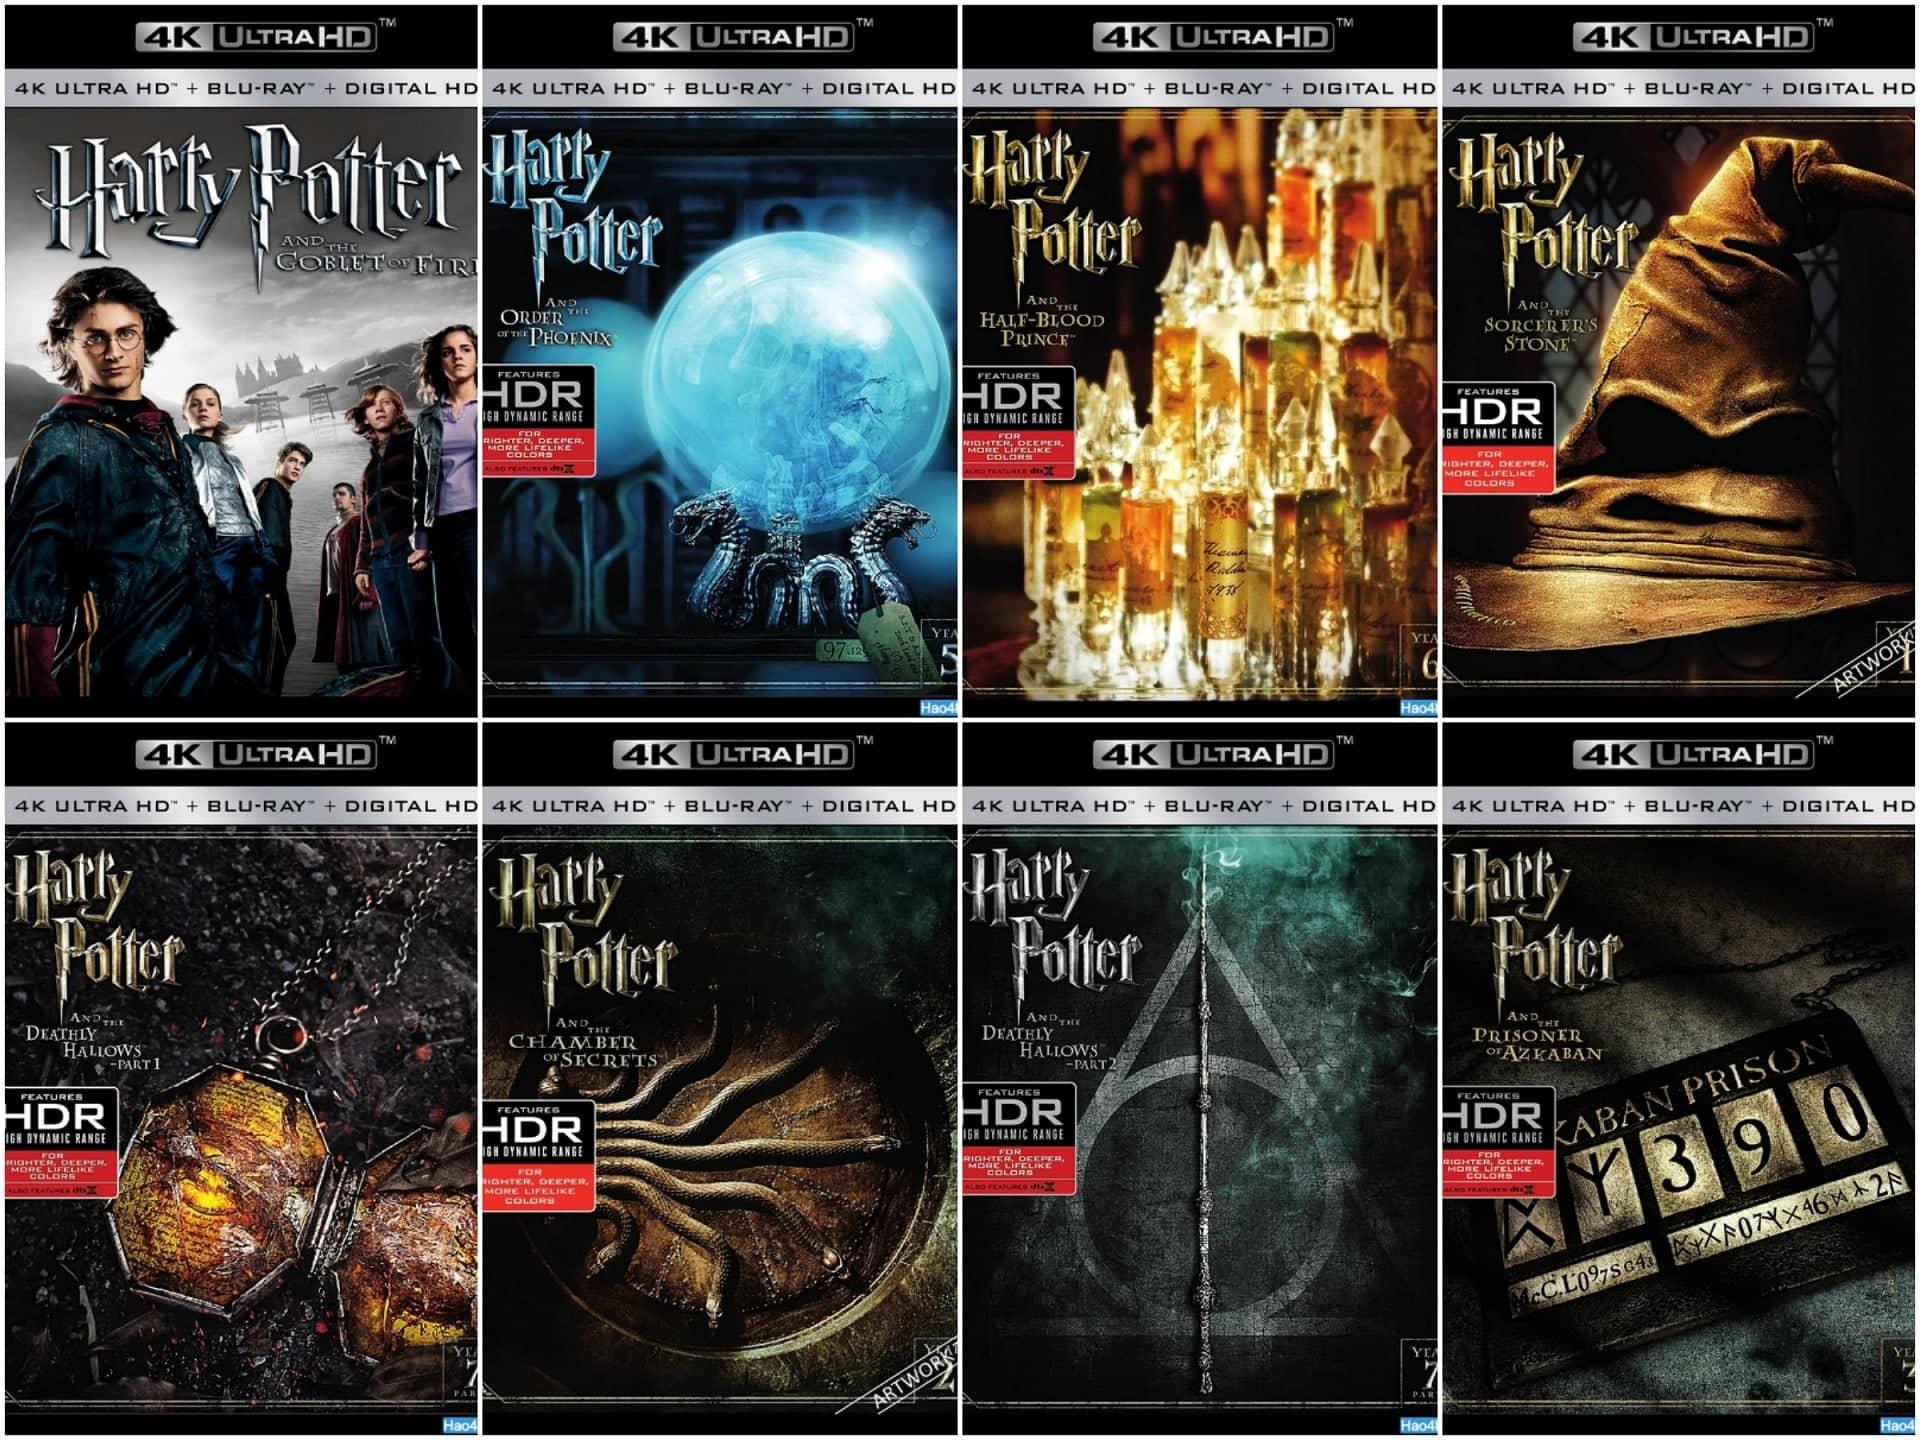 哈利波特1-8合集 4K蓝光原盘下载